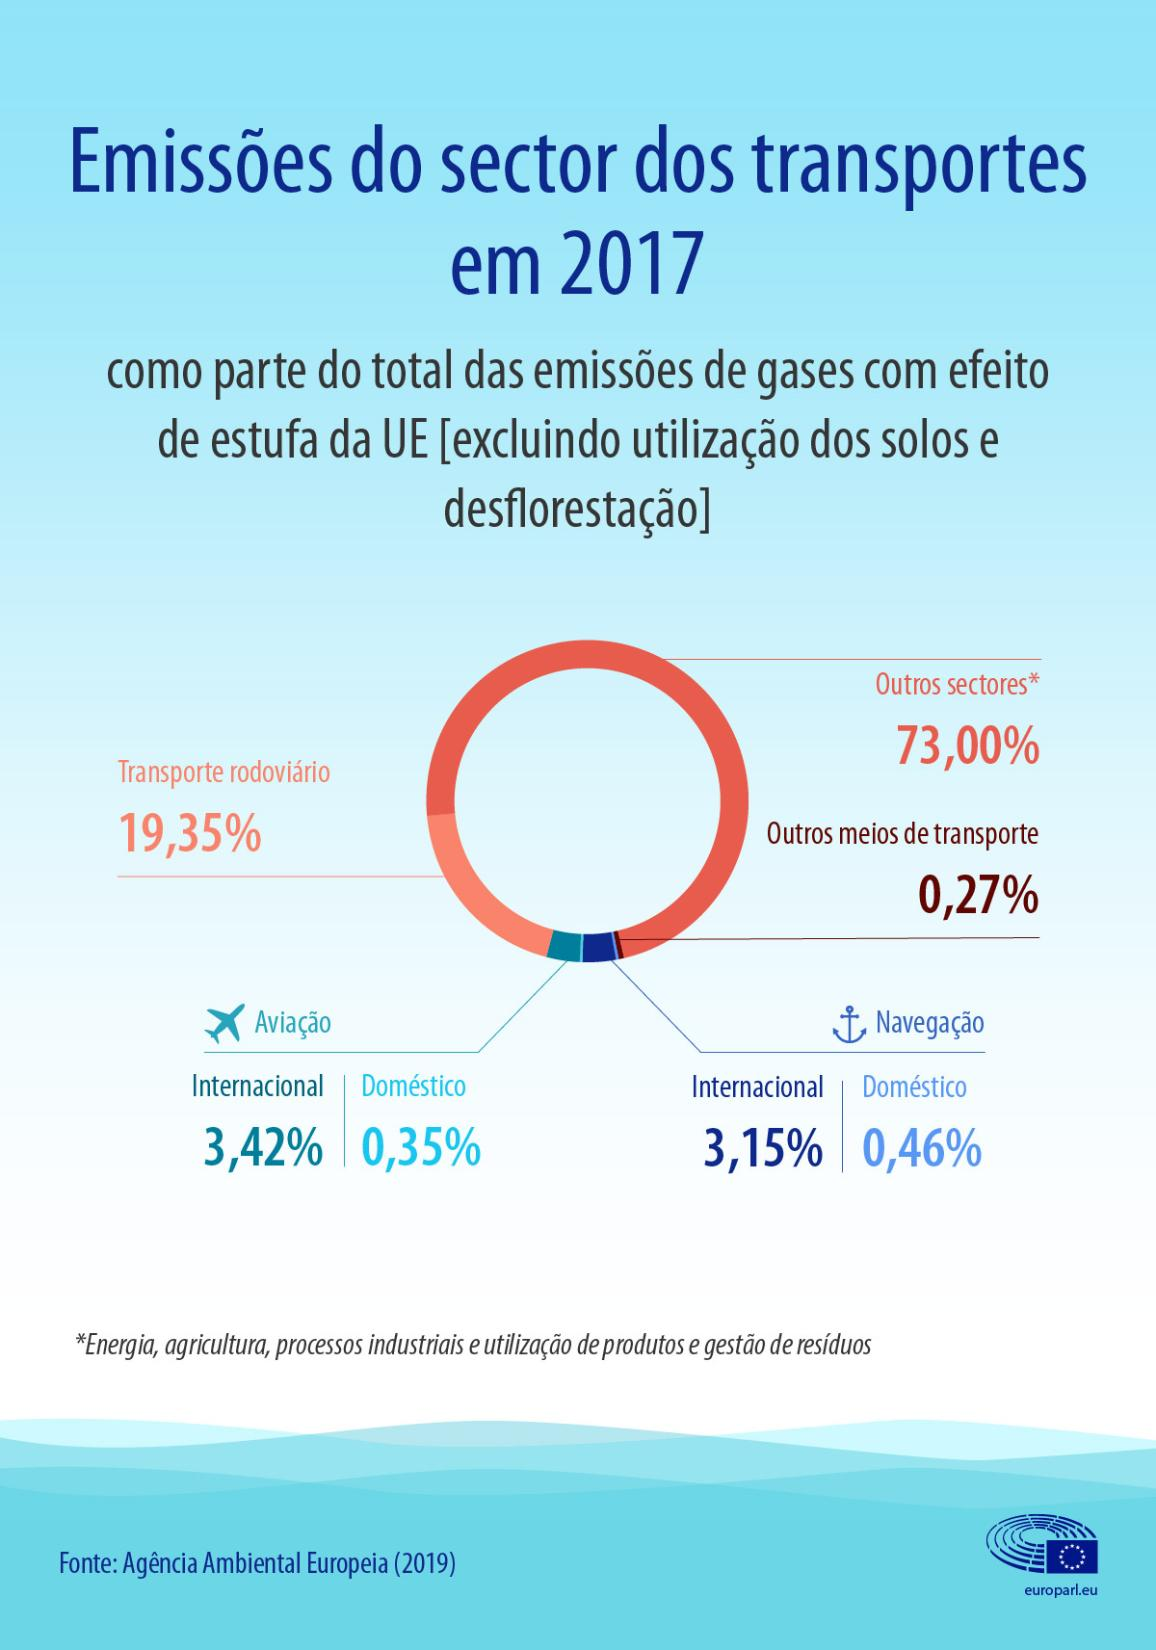 Emissões em 2017